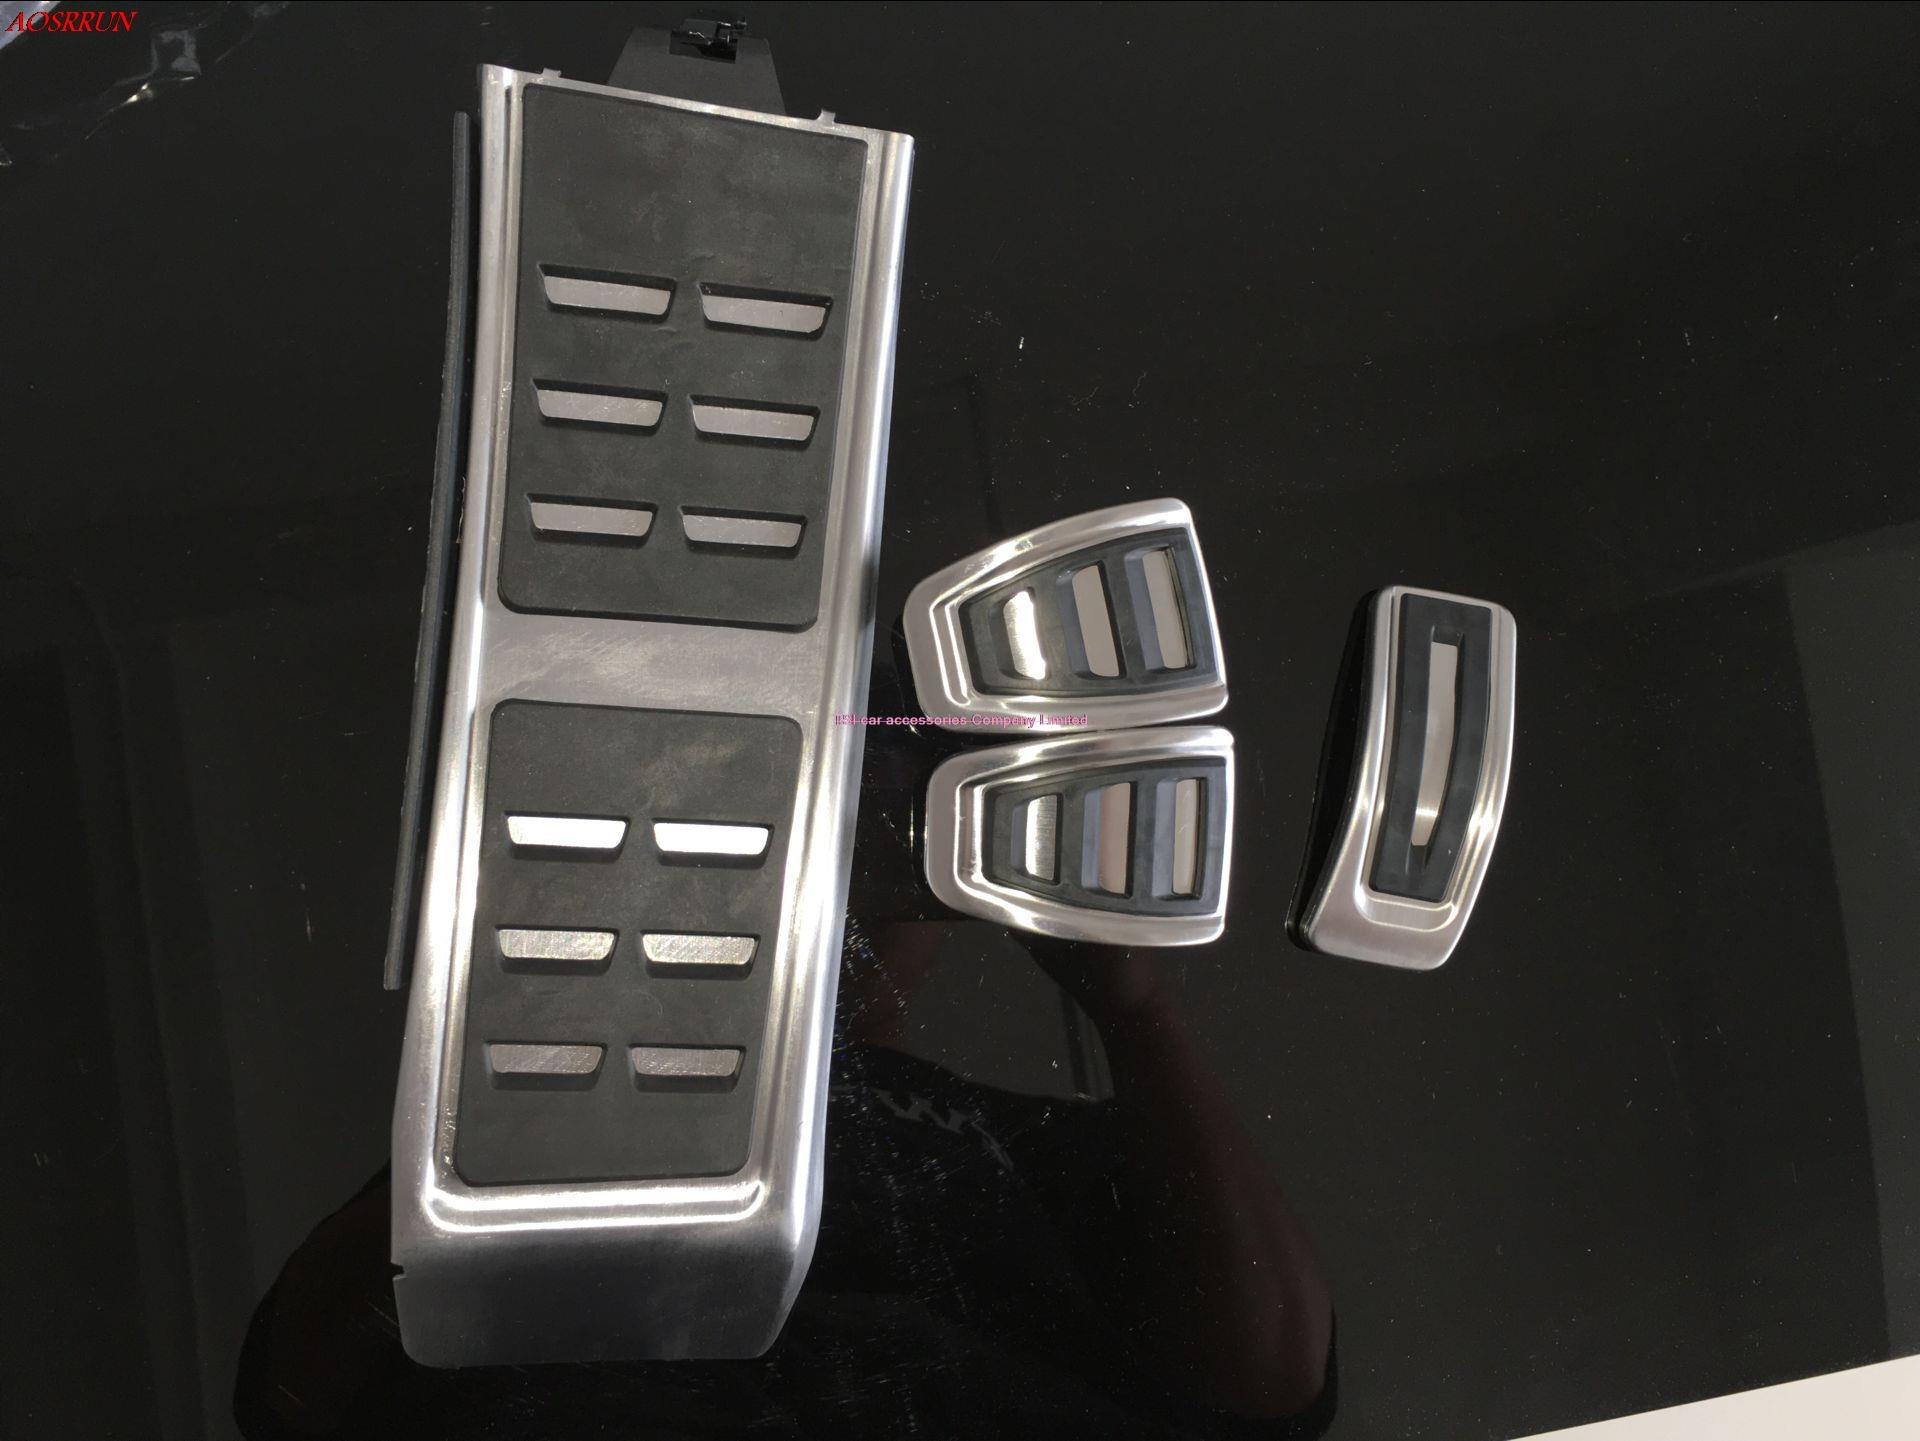 Manuellement pédale d'accélérateur de gaz frein et repose-pieds pédale pour Audi A4 S4 B8 A5 S5 RS5 Q5 SQ5 A6 S6 RS6 A7 S7 C7 RS7 voiture-style